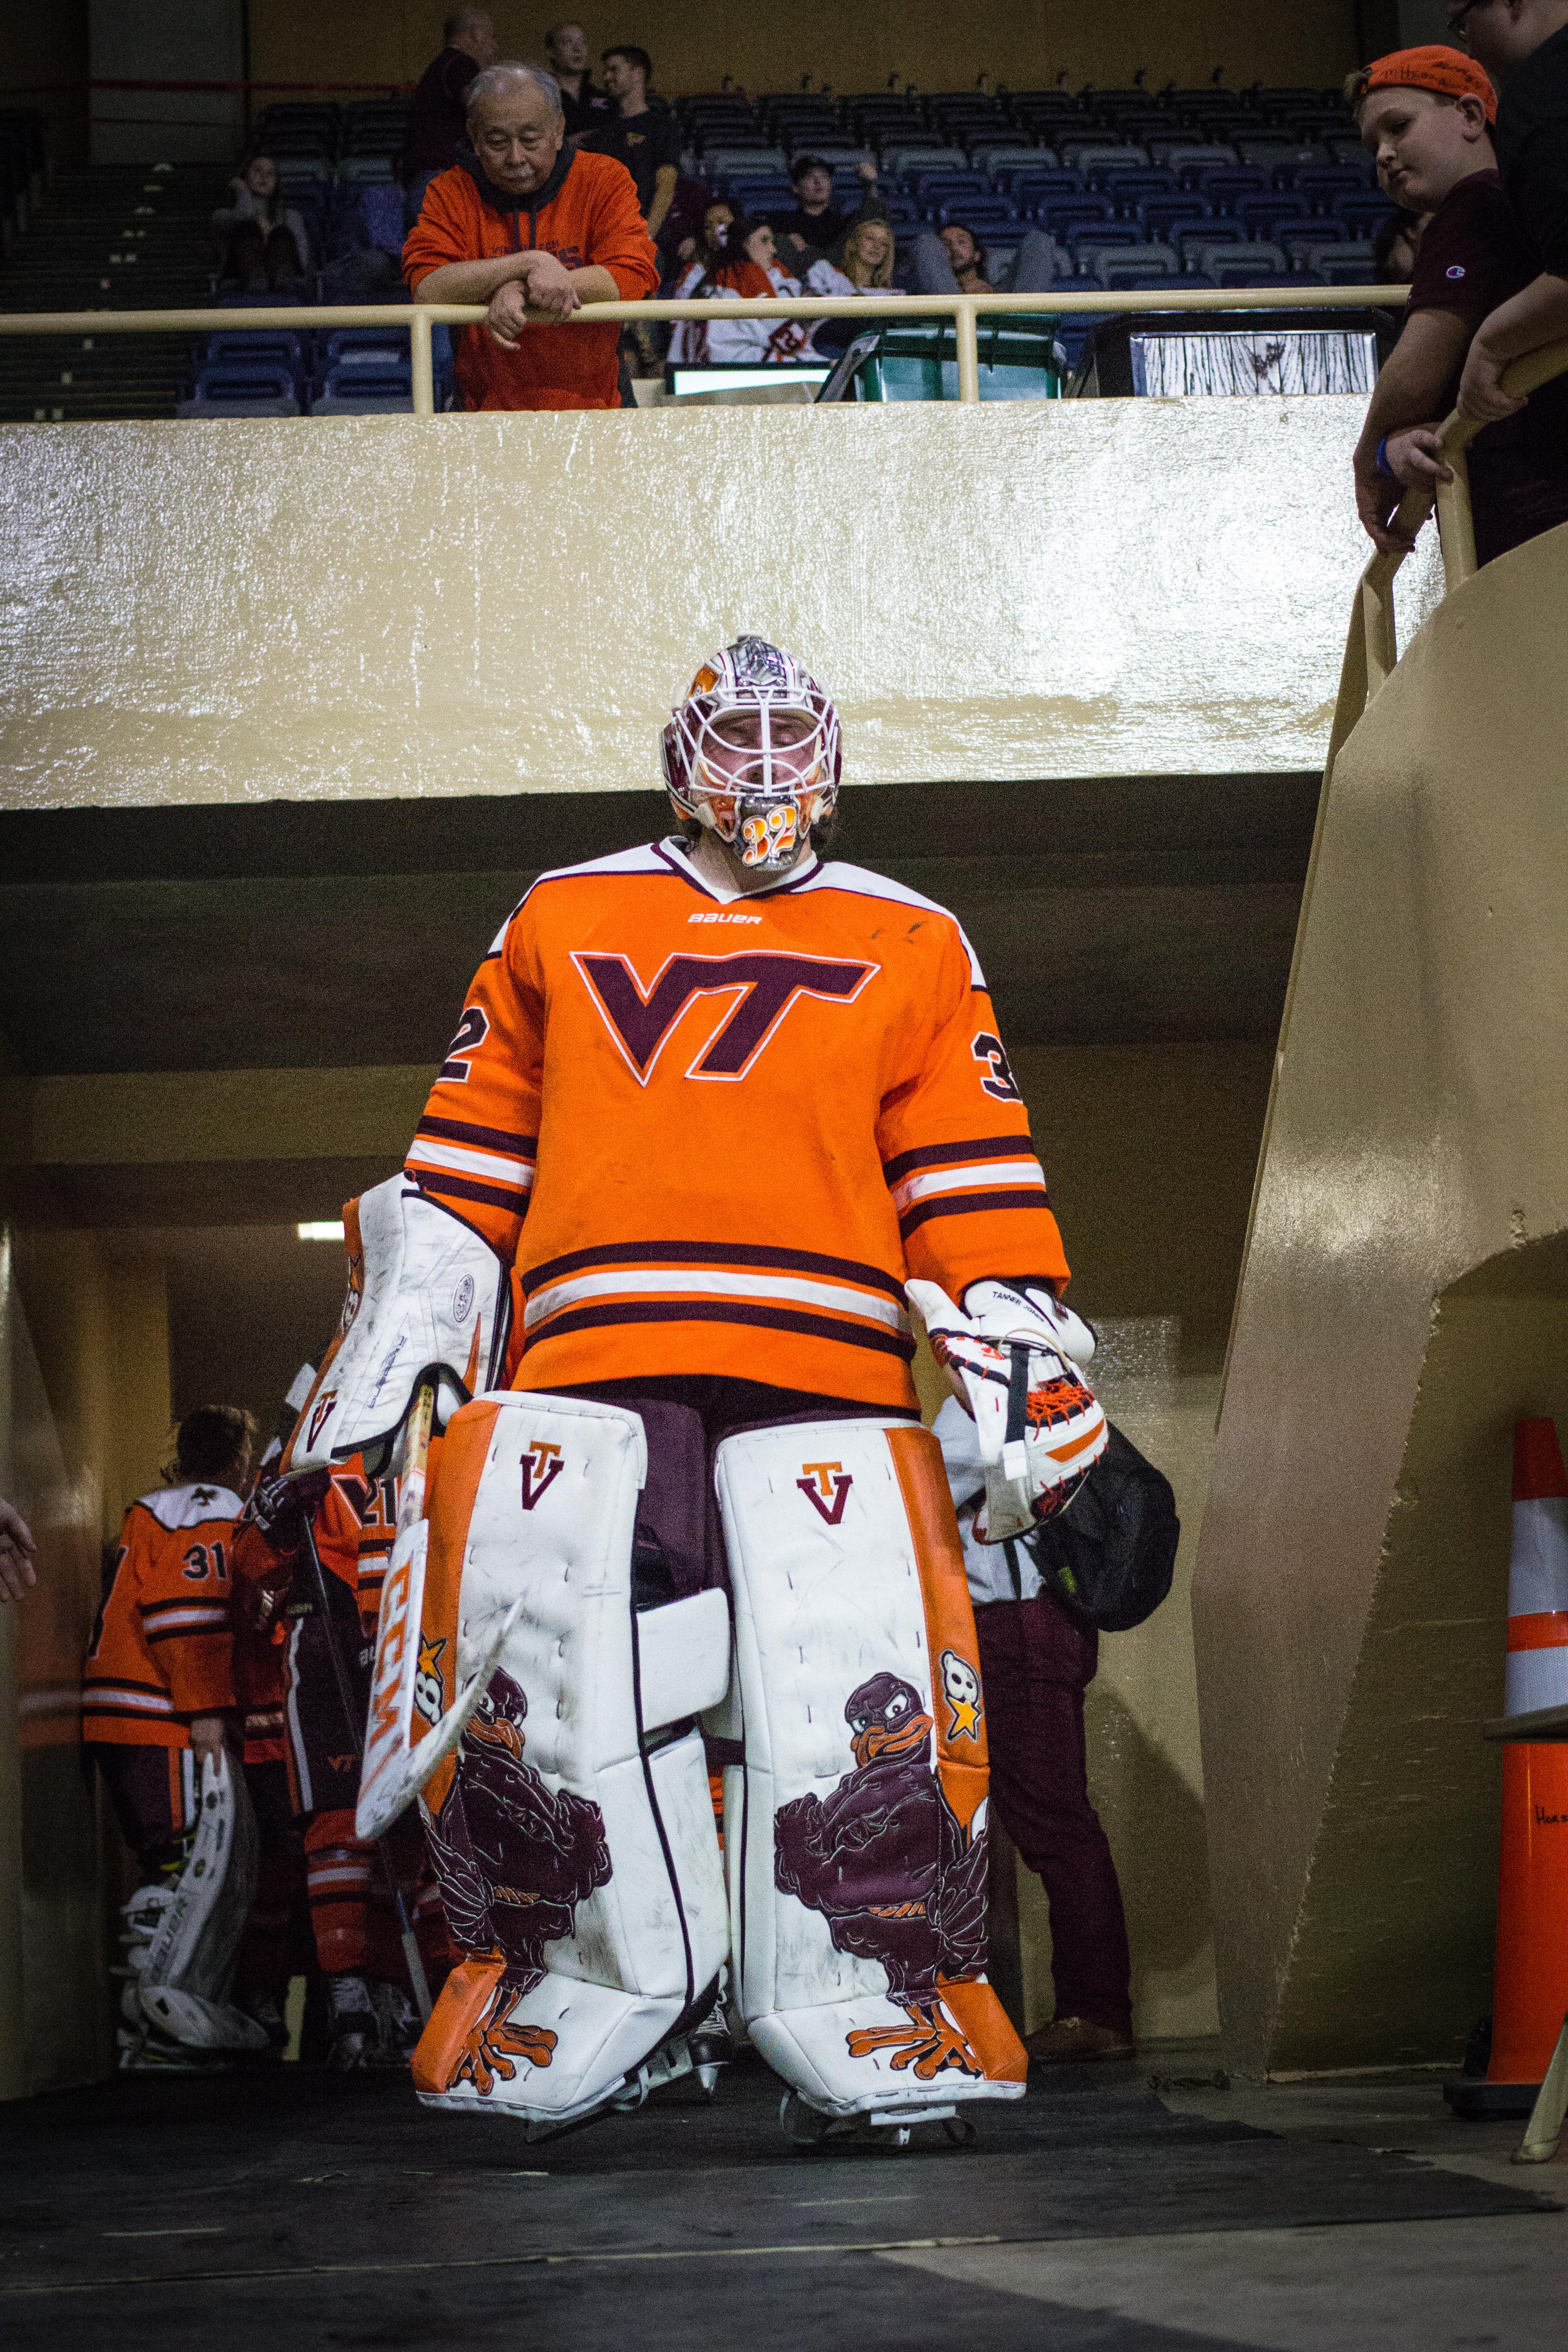 VT Hockey